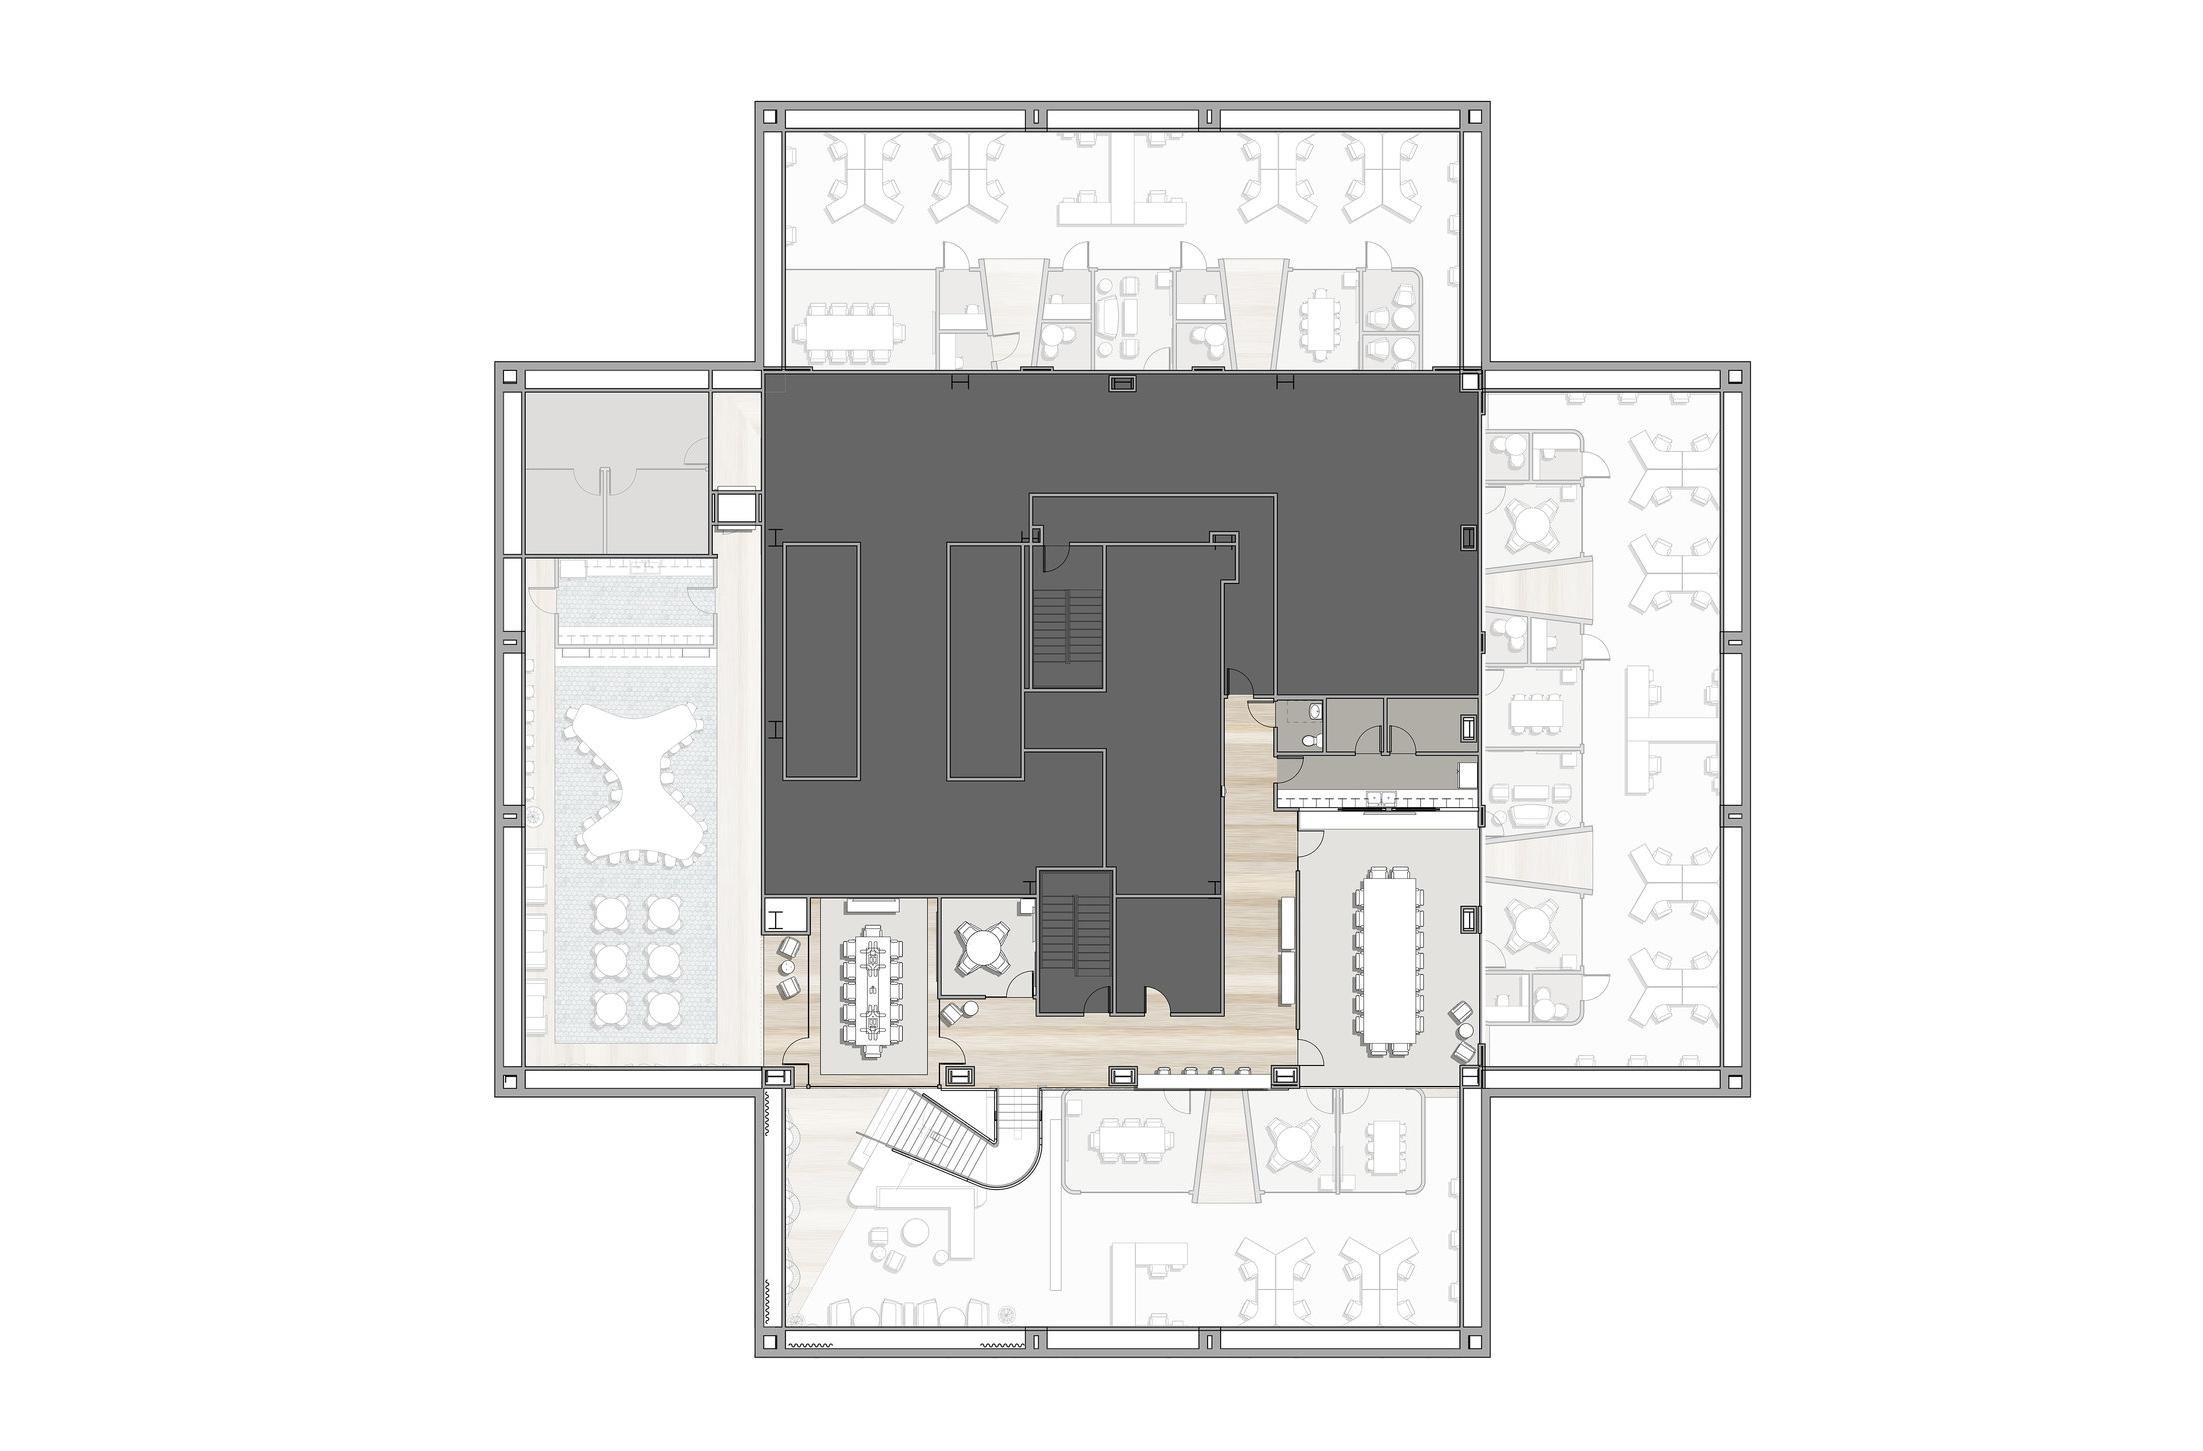 2016-0518_Rendered Plan - 55th Floor.jpg